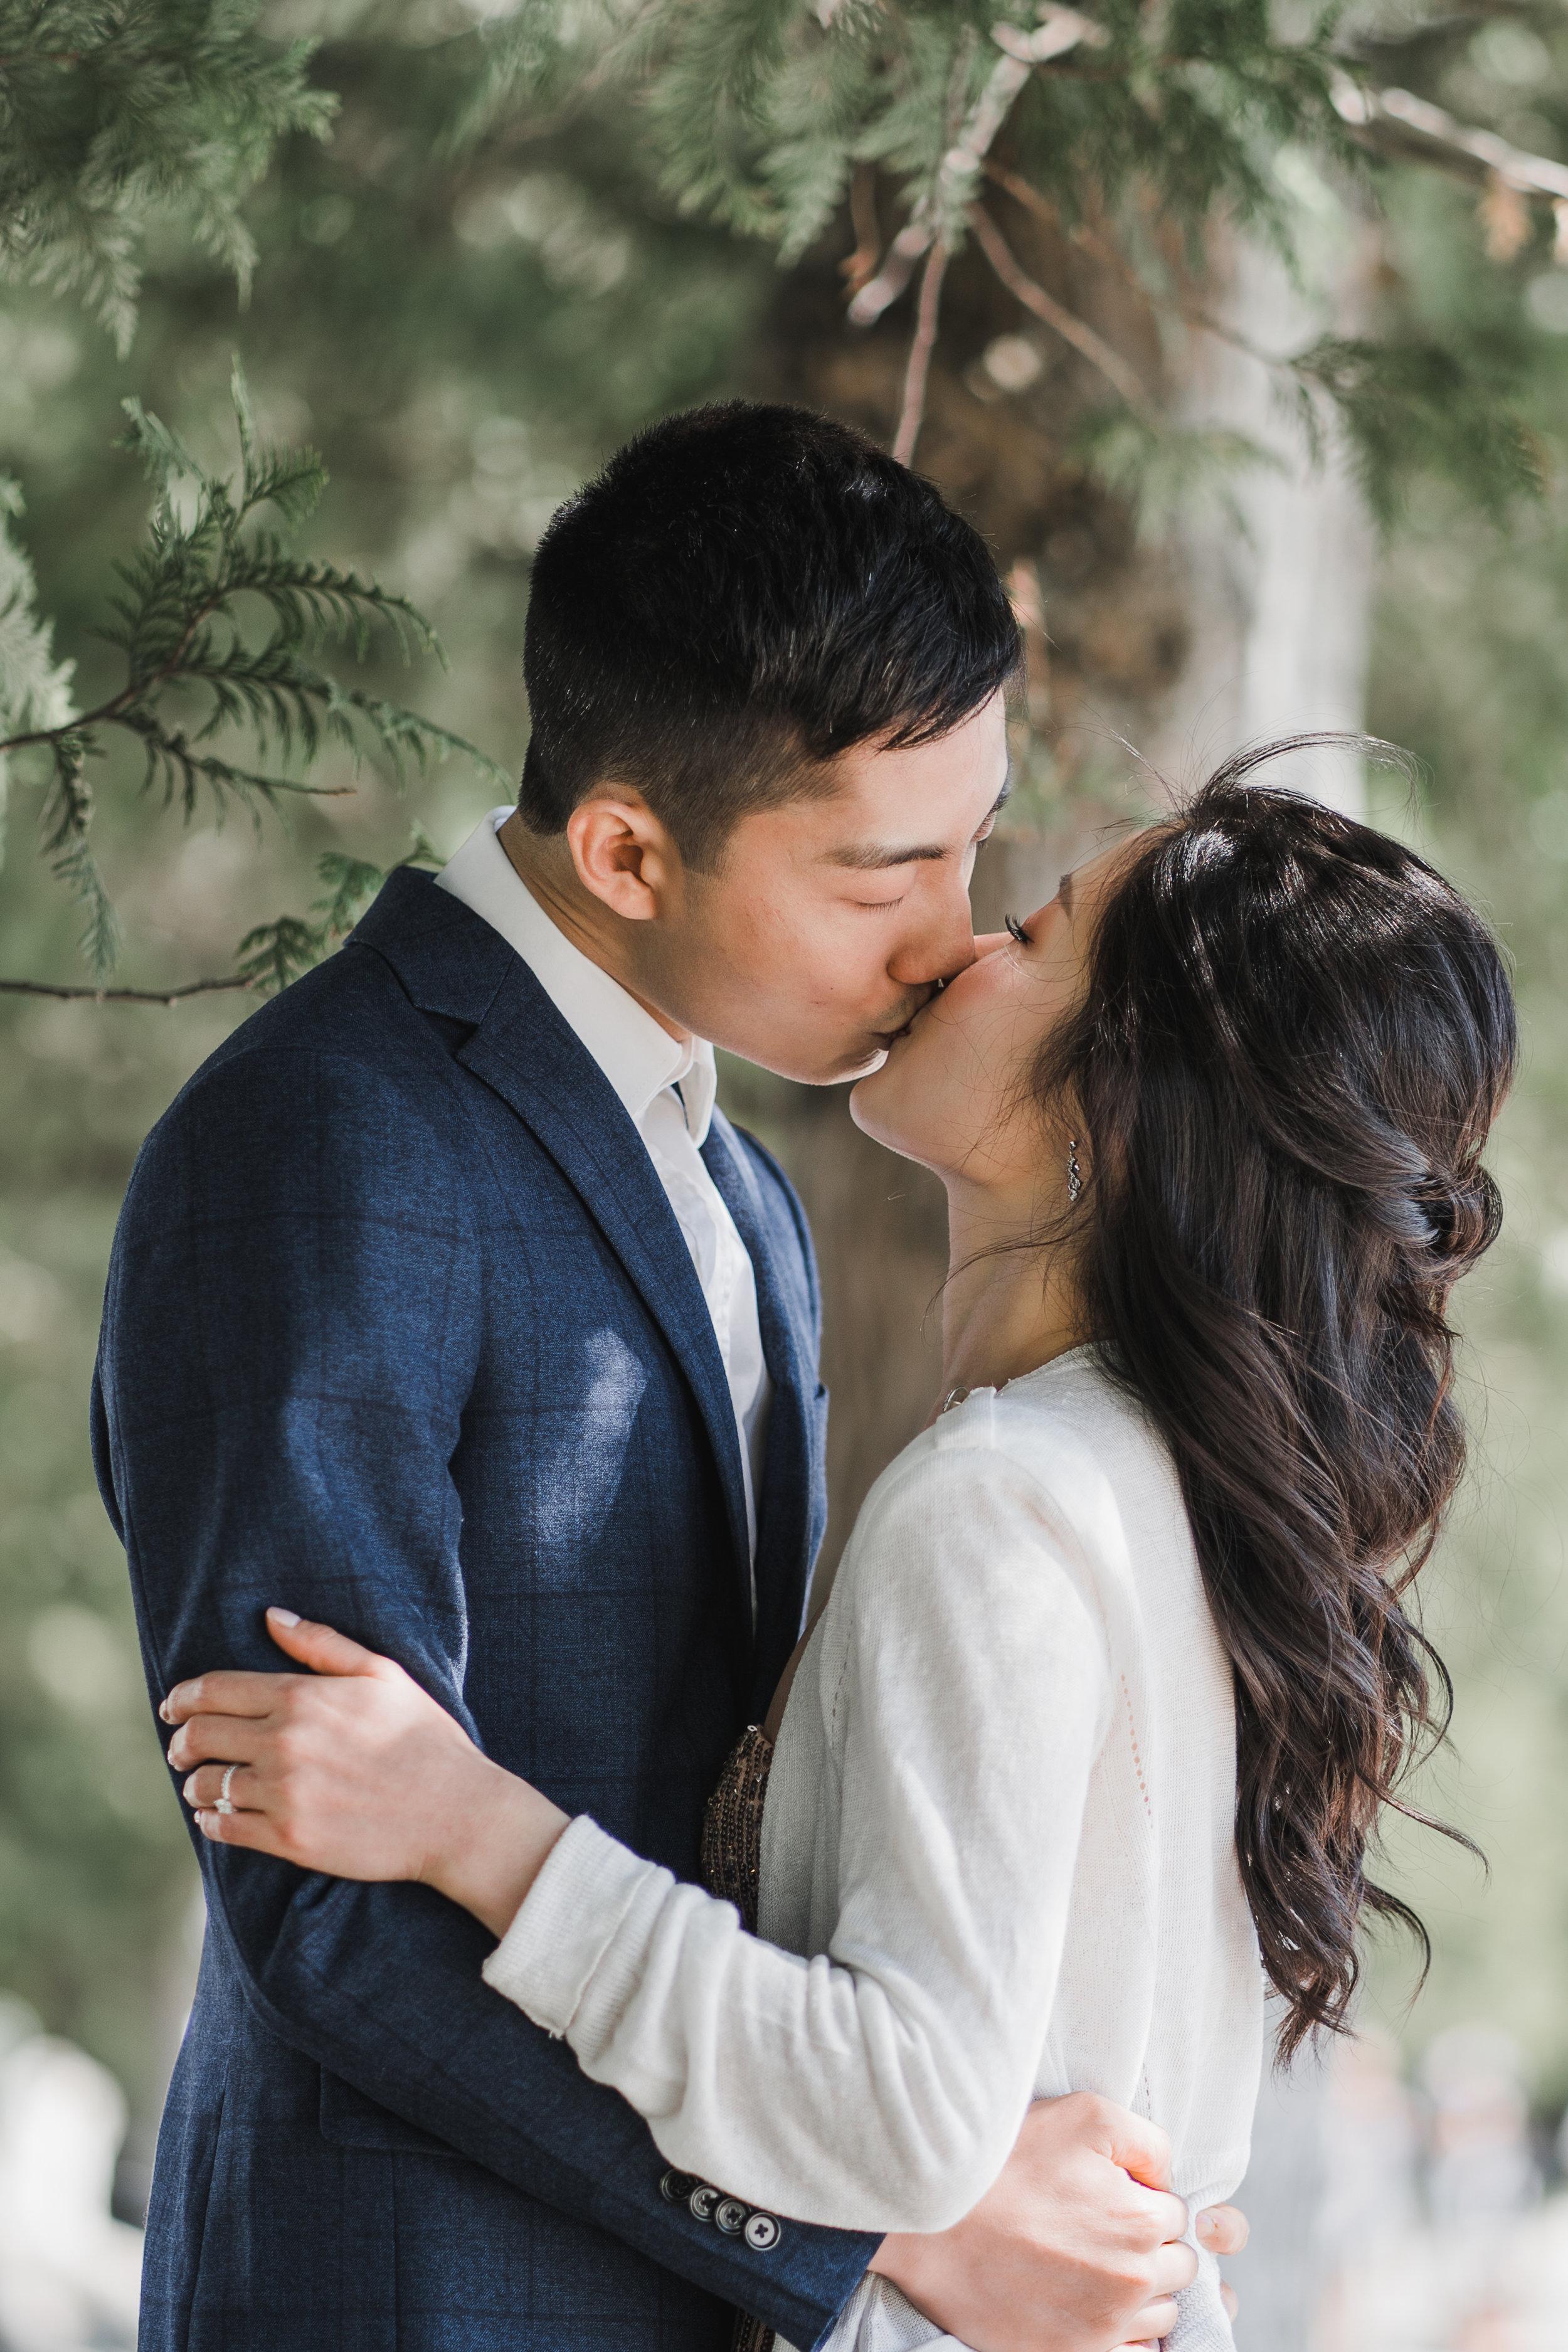 20190428 - Rachel & Brandon Engagement - 0102.jpg